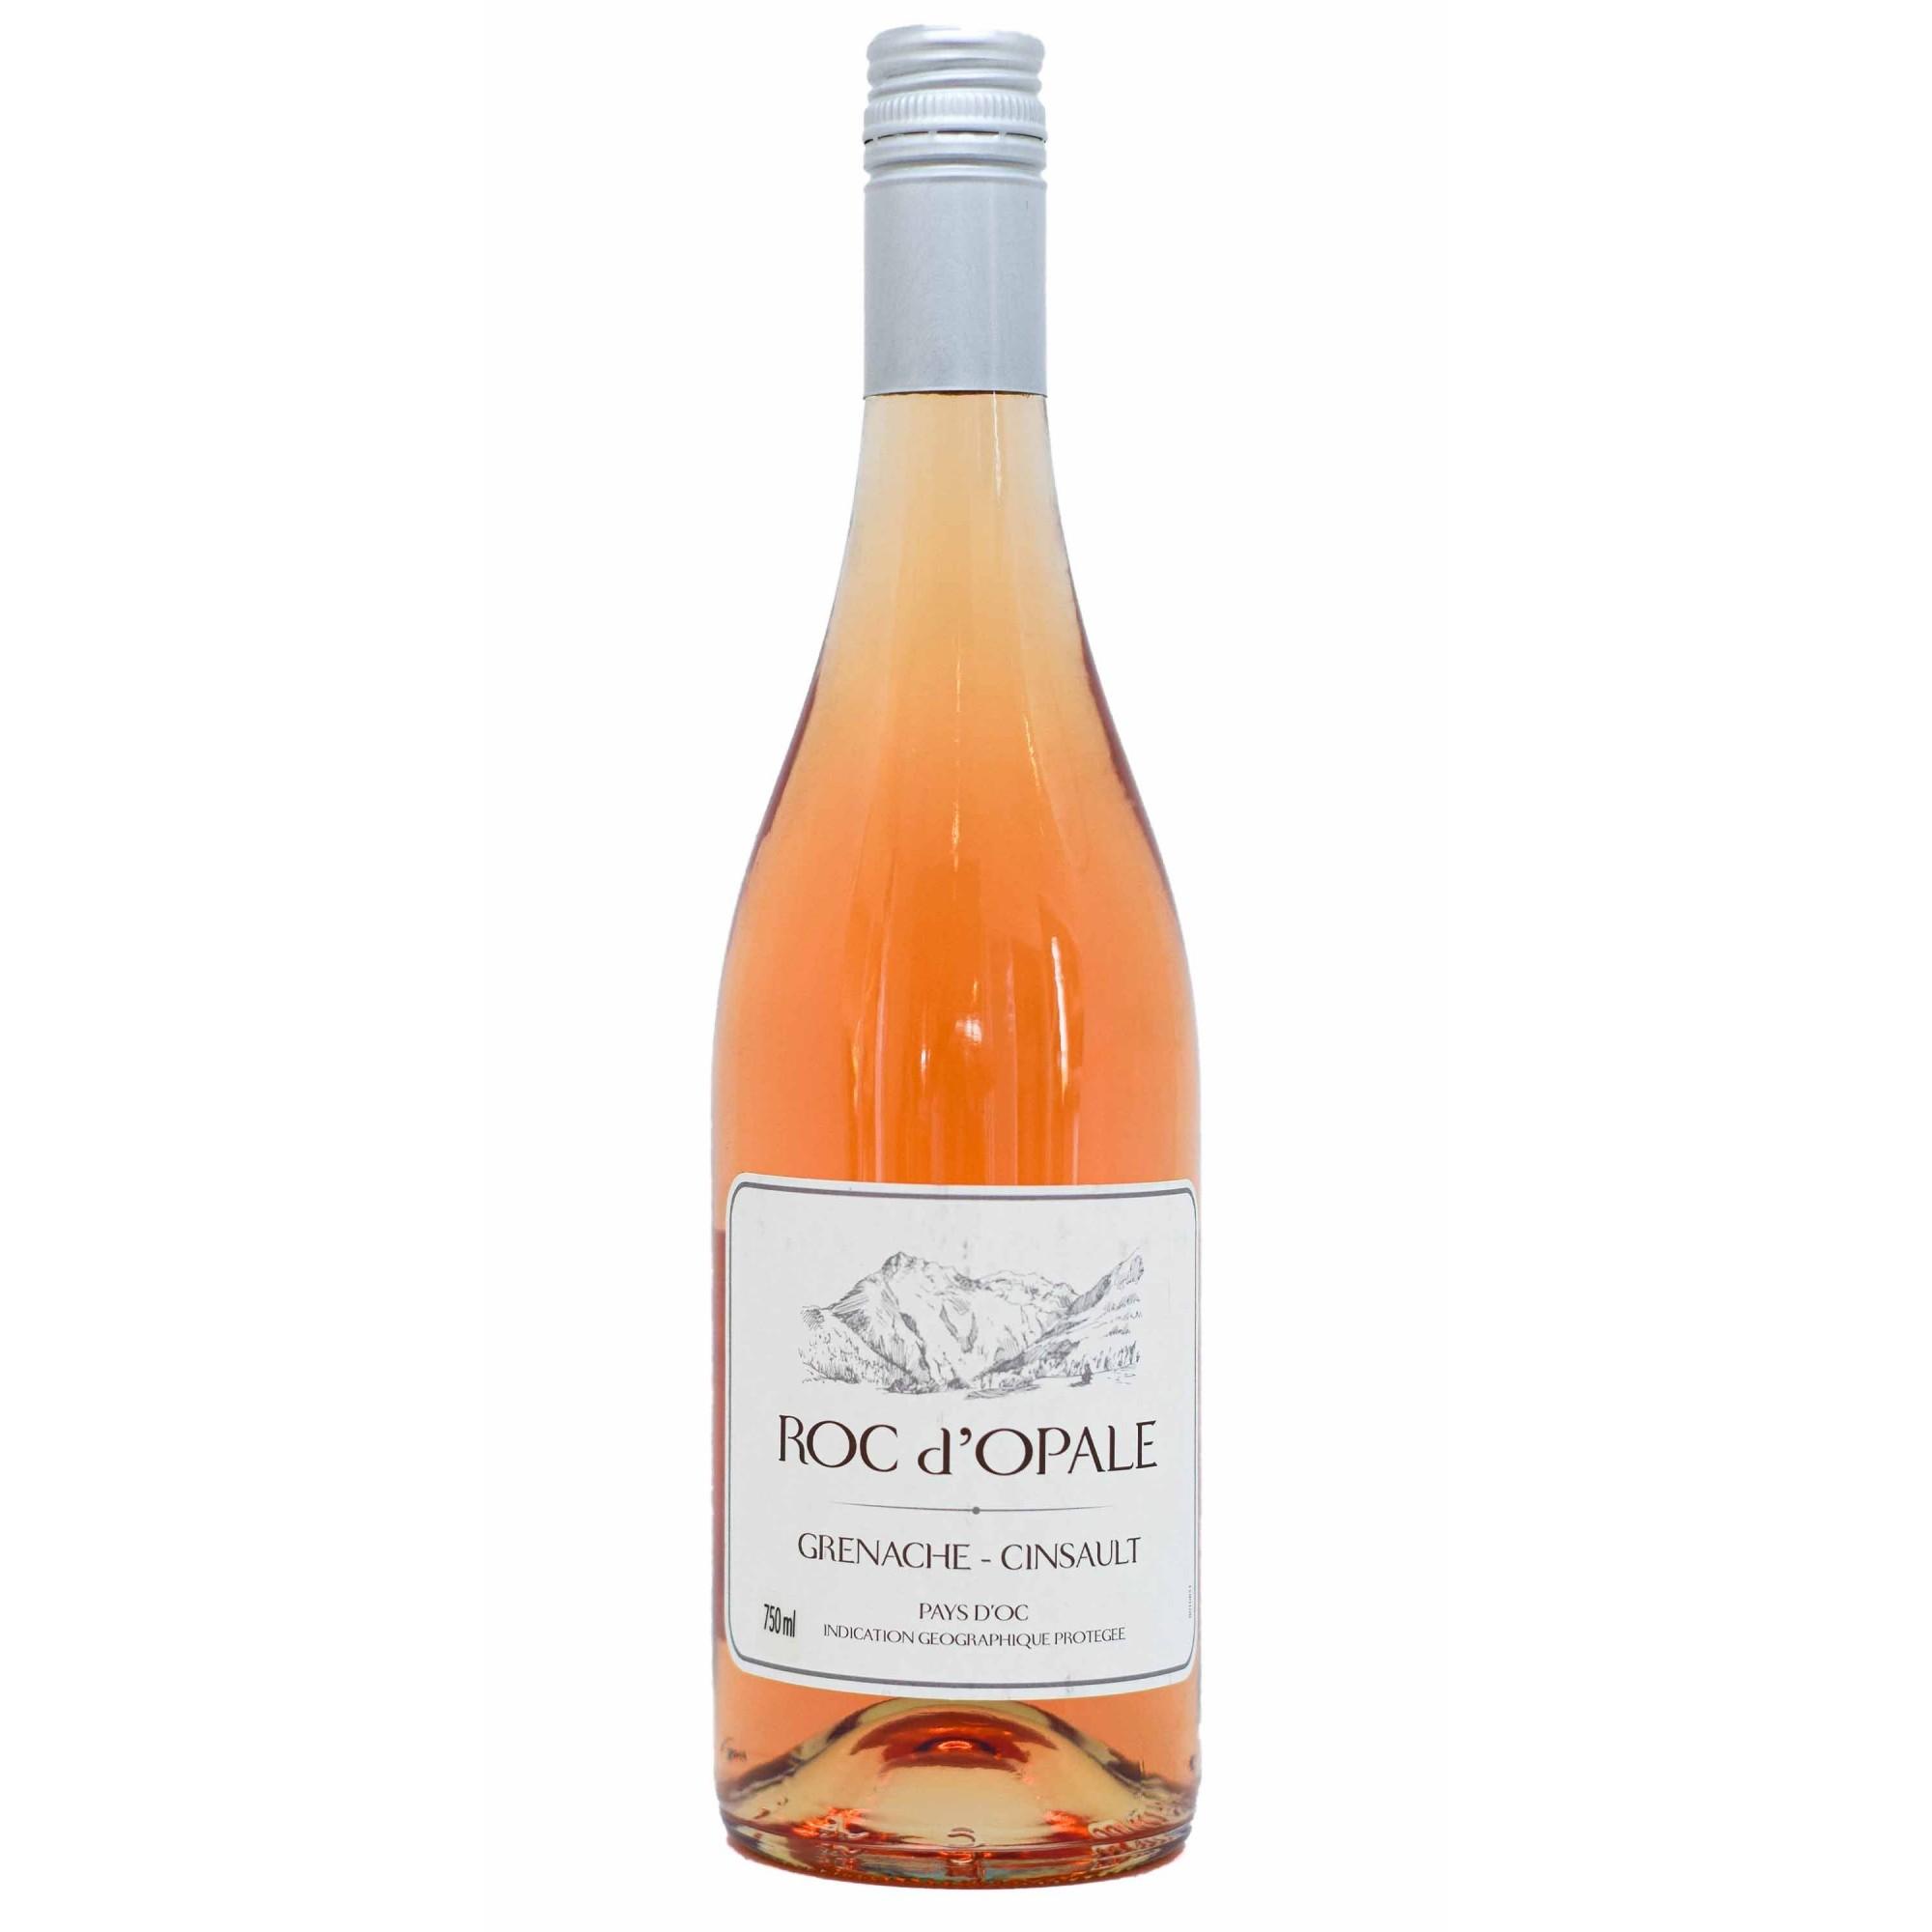 VINHO ROSÉ ROC D'OPALE GRENACHE E CINSAULT - 750ML